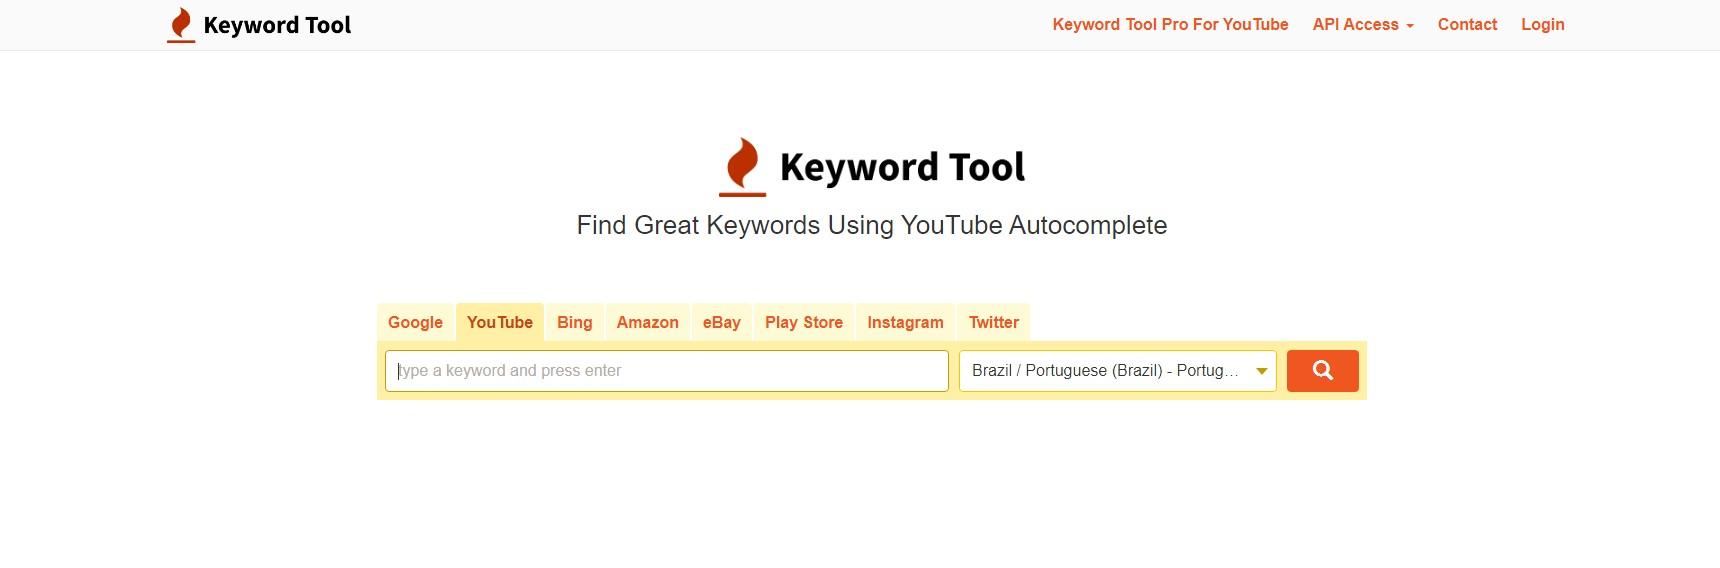 Tags para YouTube: imagem da página de entrada da ferramenta Keyword Tool